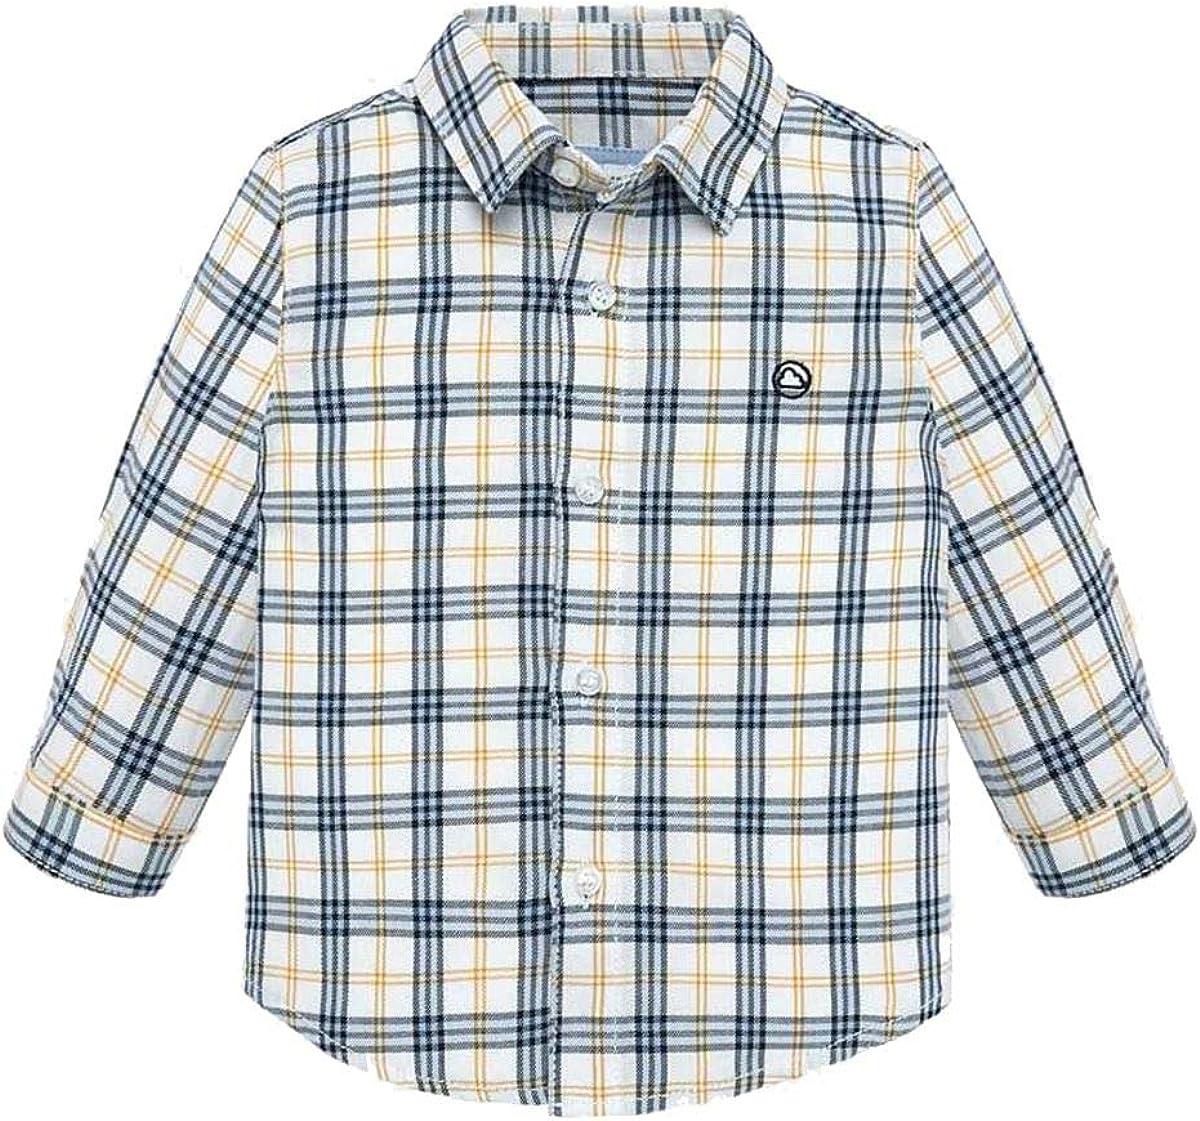 Mayoral - Camisa de cuadros para niño: Amazon.es: Ropa y accesorios